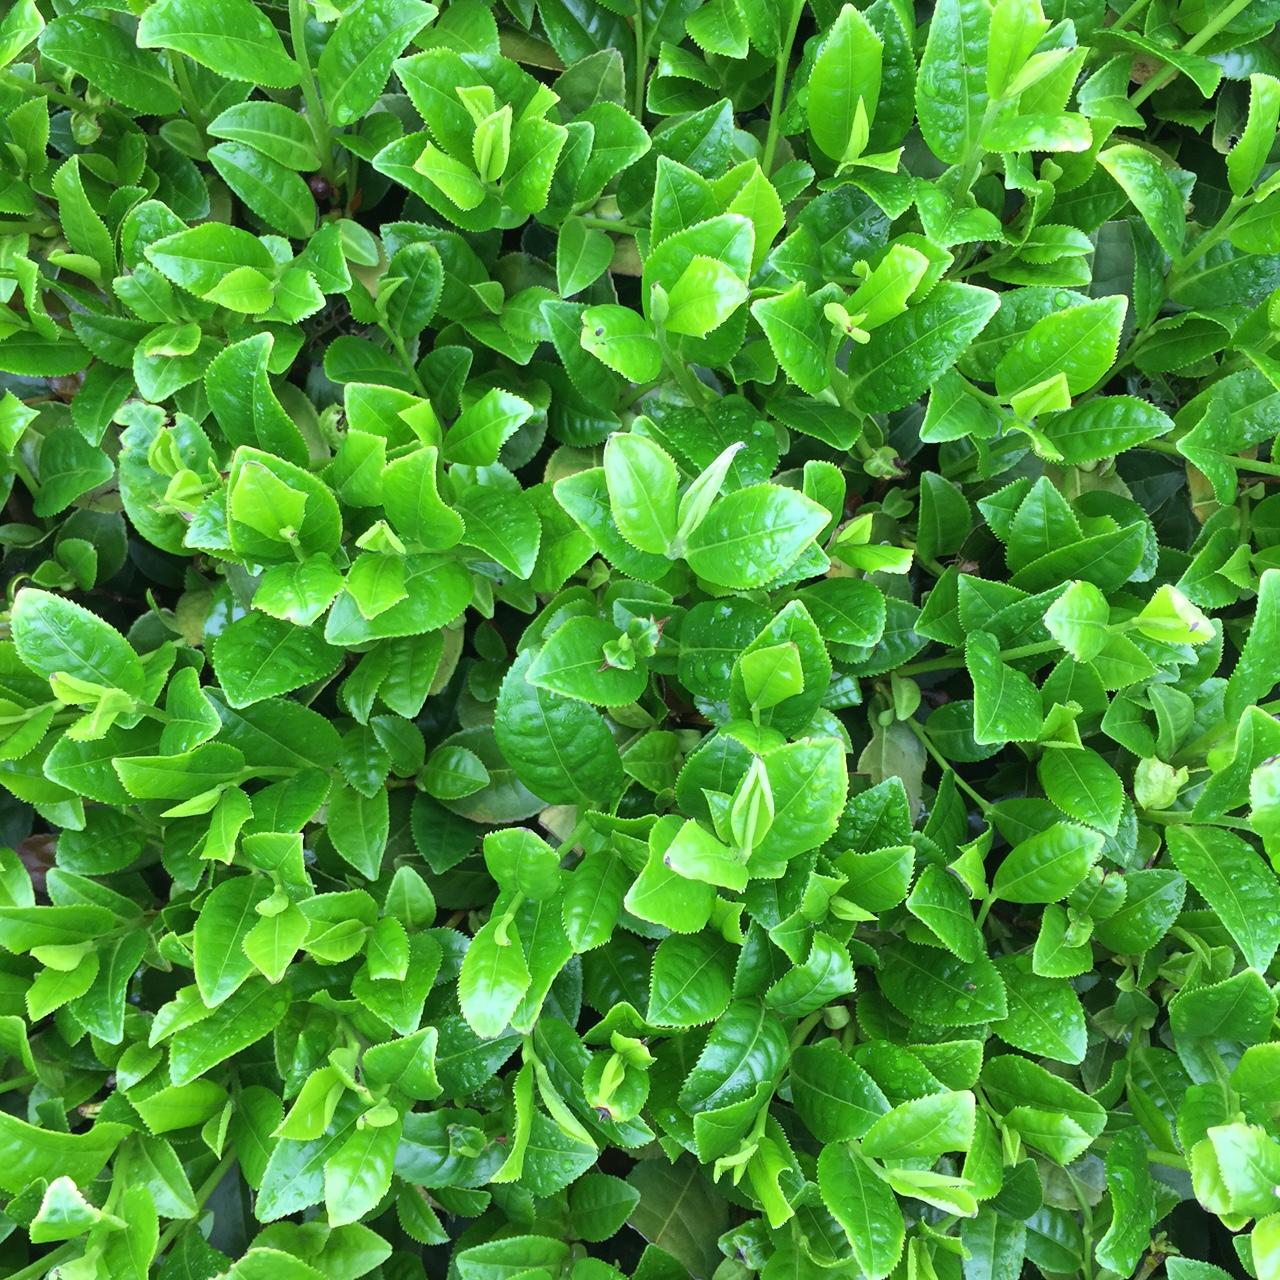 2017年4月21日かごしま緑茶の茶園風景です。早生品種ゆたかみどりです。緑が濃くなってきました!。